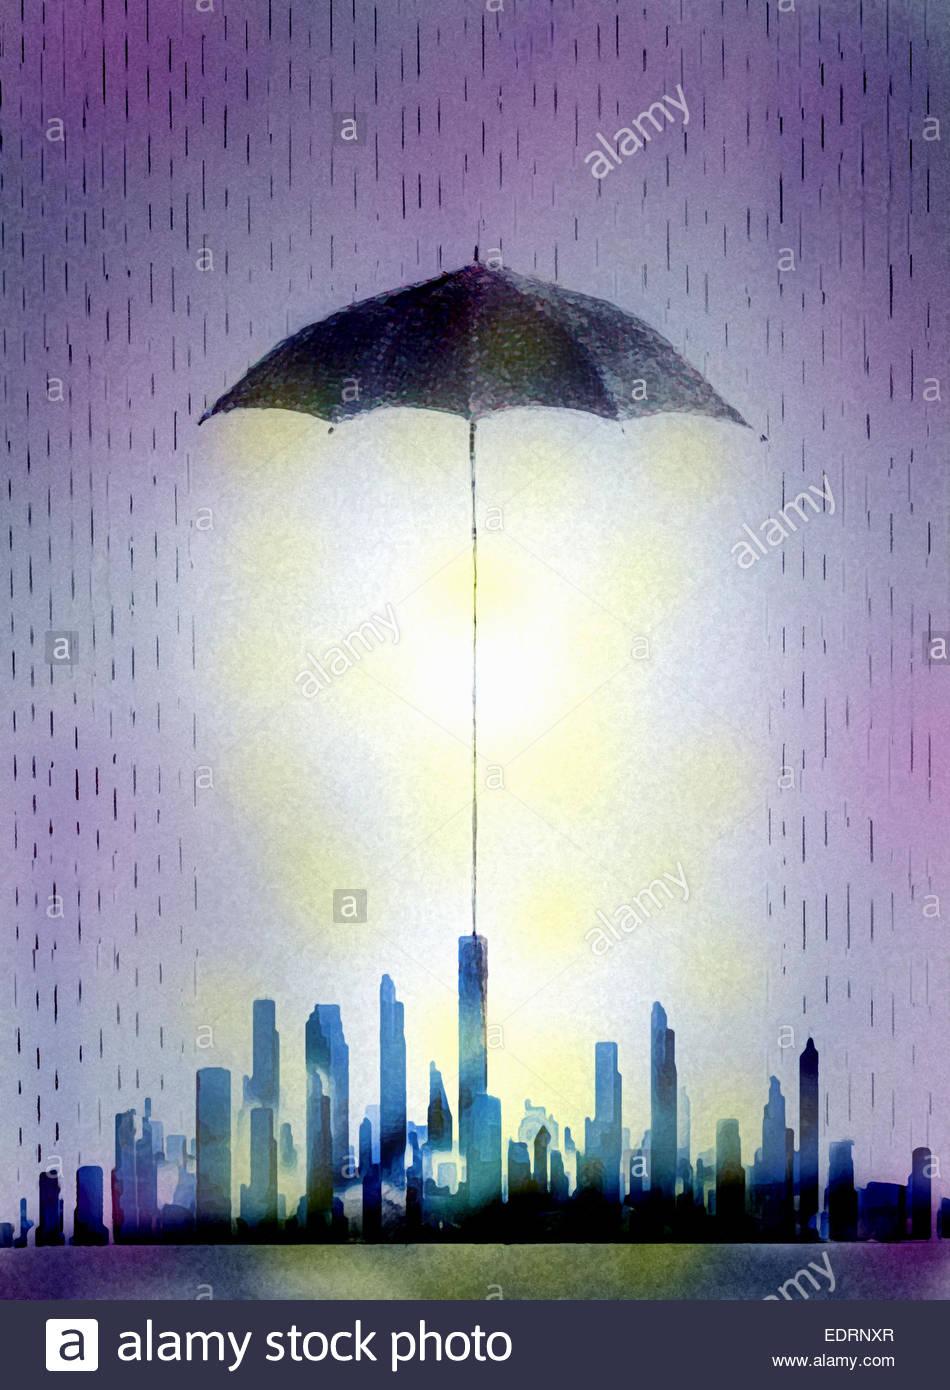 Grattacielo edifici in città il quartiere delle finanze rifugiandosi sotto grandi ombrelloni Immagini Stock